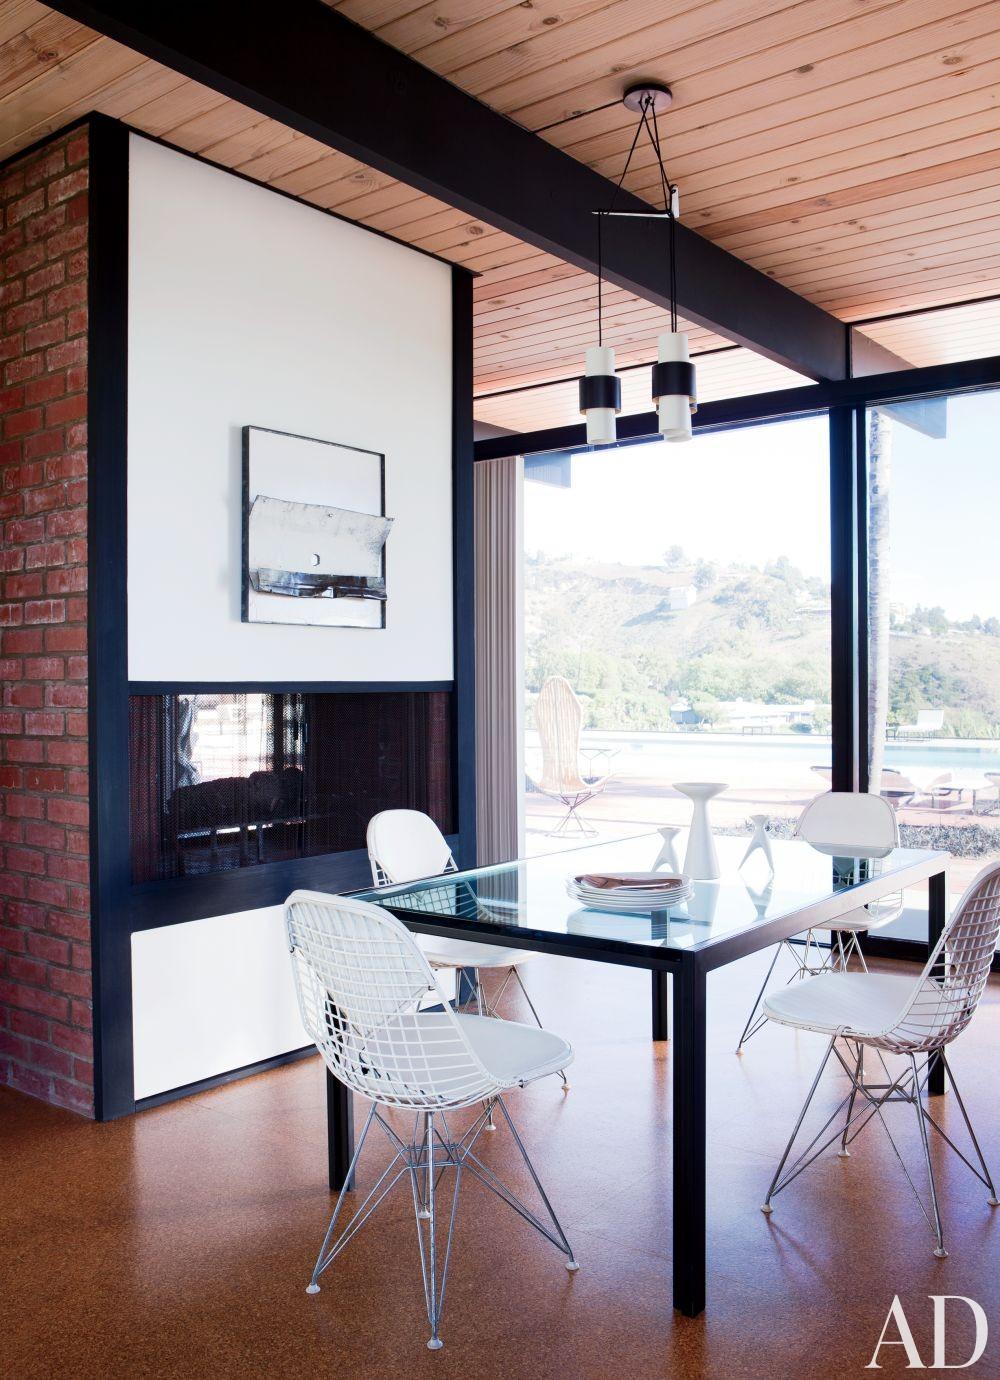 Modern Dining Room by BoydDesign and BoydDesign in Malibu, California